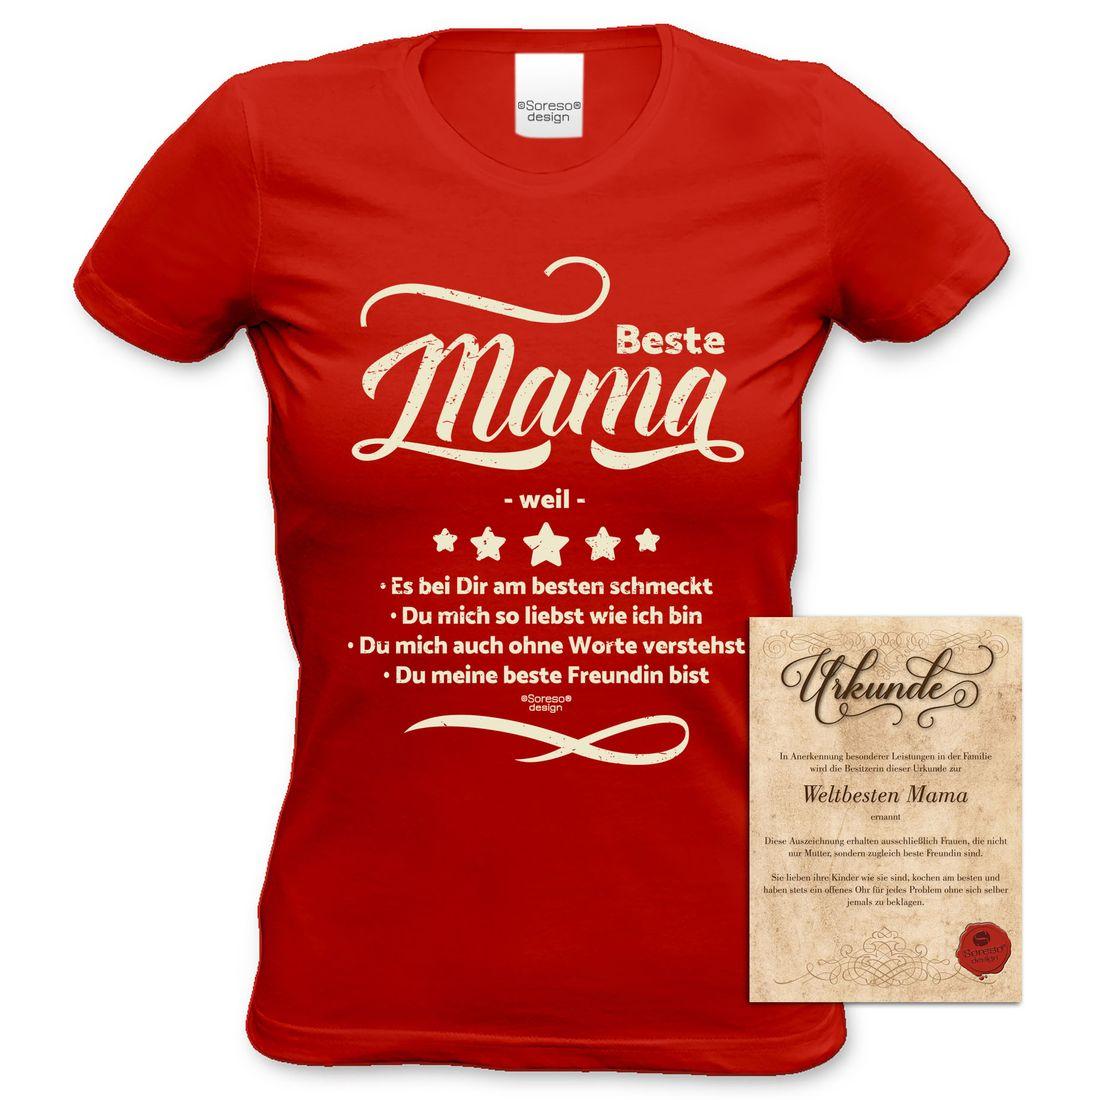 Damen T-Shirt - Beste Mama weil - Damenshirt Geschenk Mutter rot ...